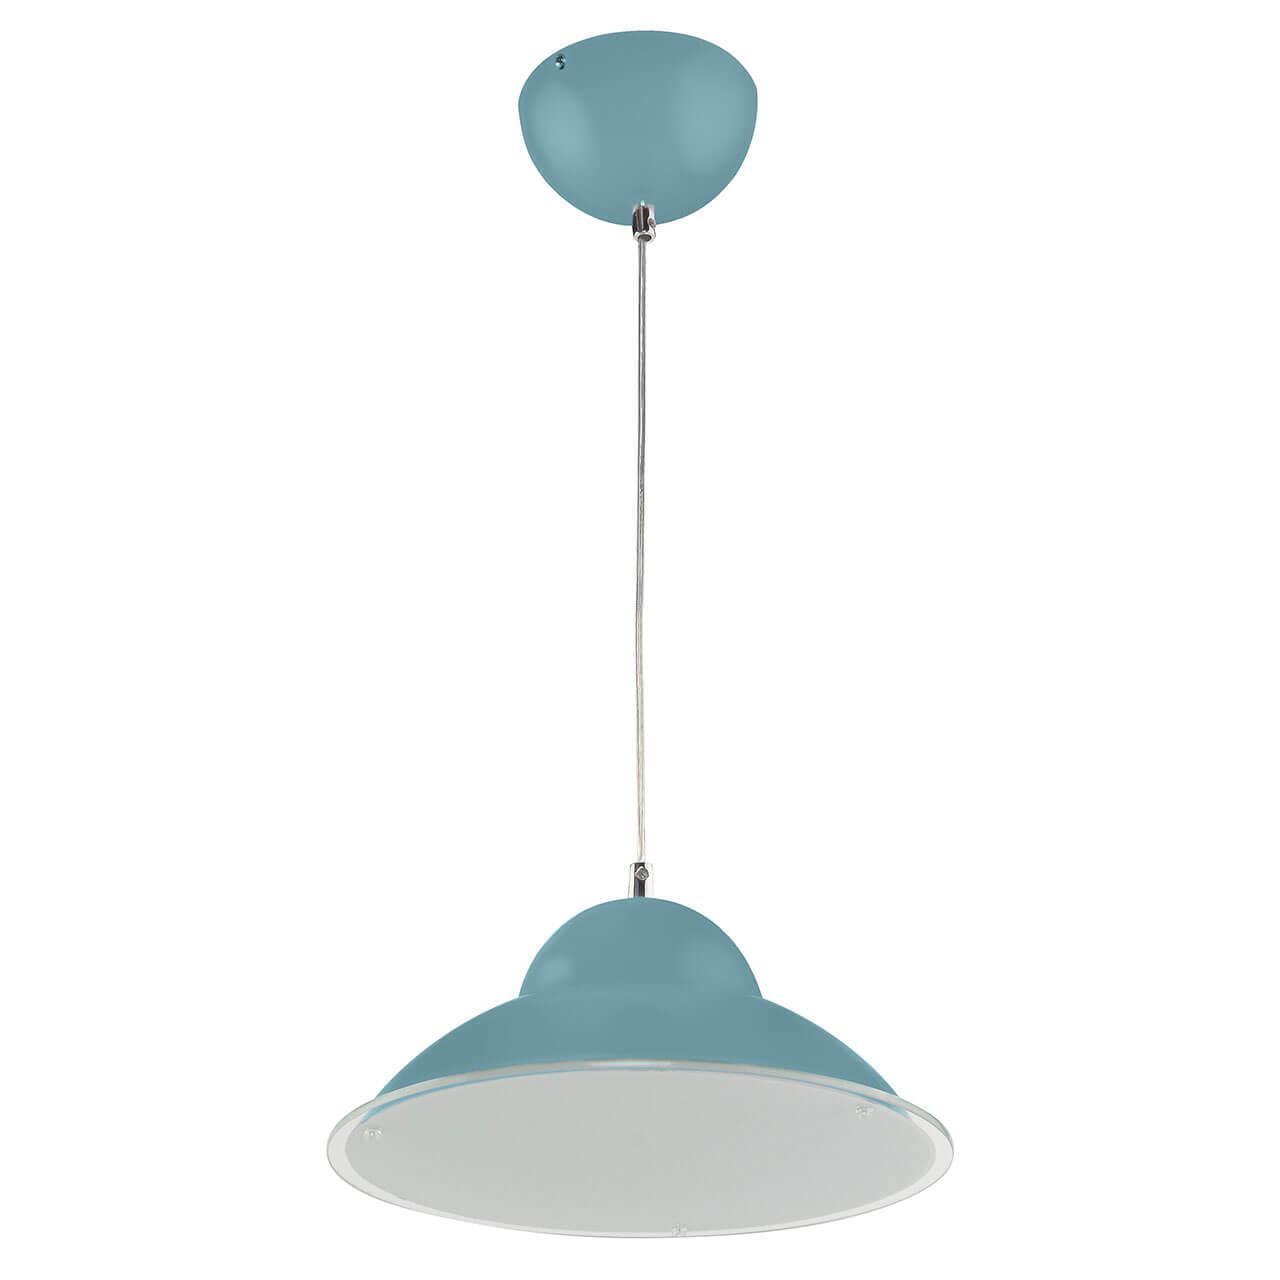 Подвесной светодиодный светильник Horoz голубой 020-005-0015 цена